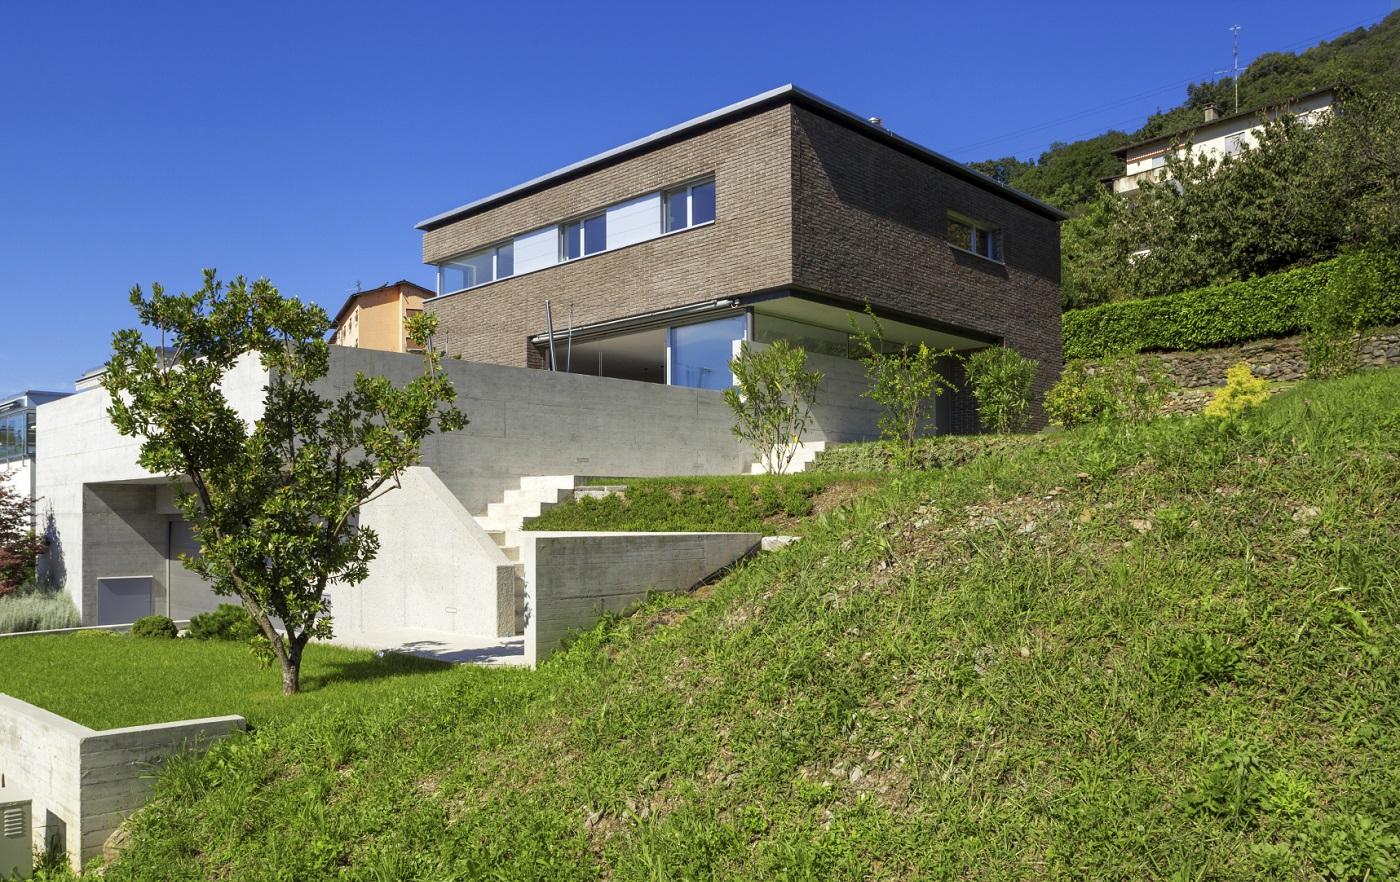 Construire Sur Un Terrain En Pente : Ce Qu'Il Faut Savoir encequiconcerne Maisons Design En Pente